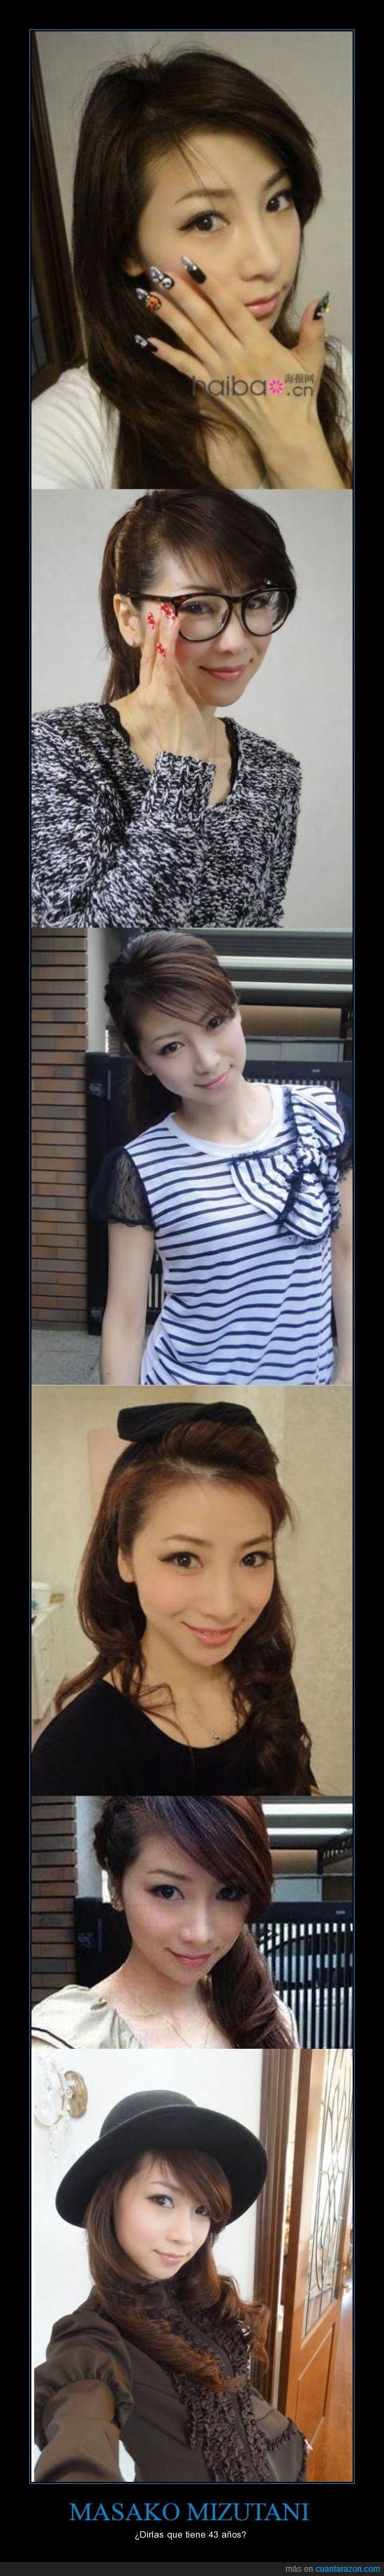 asiatica,edad,japonesa,joven,masako mizutani,modelo